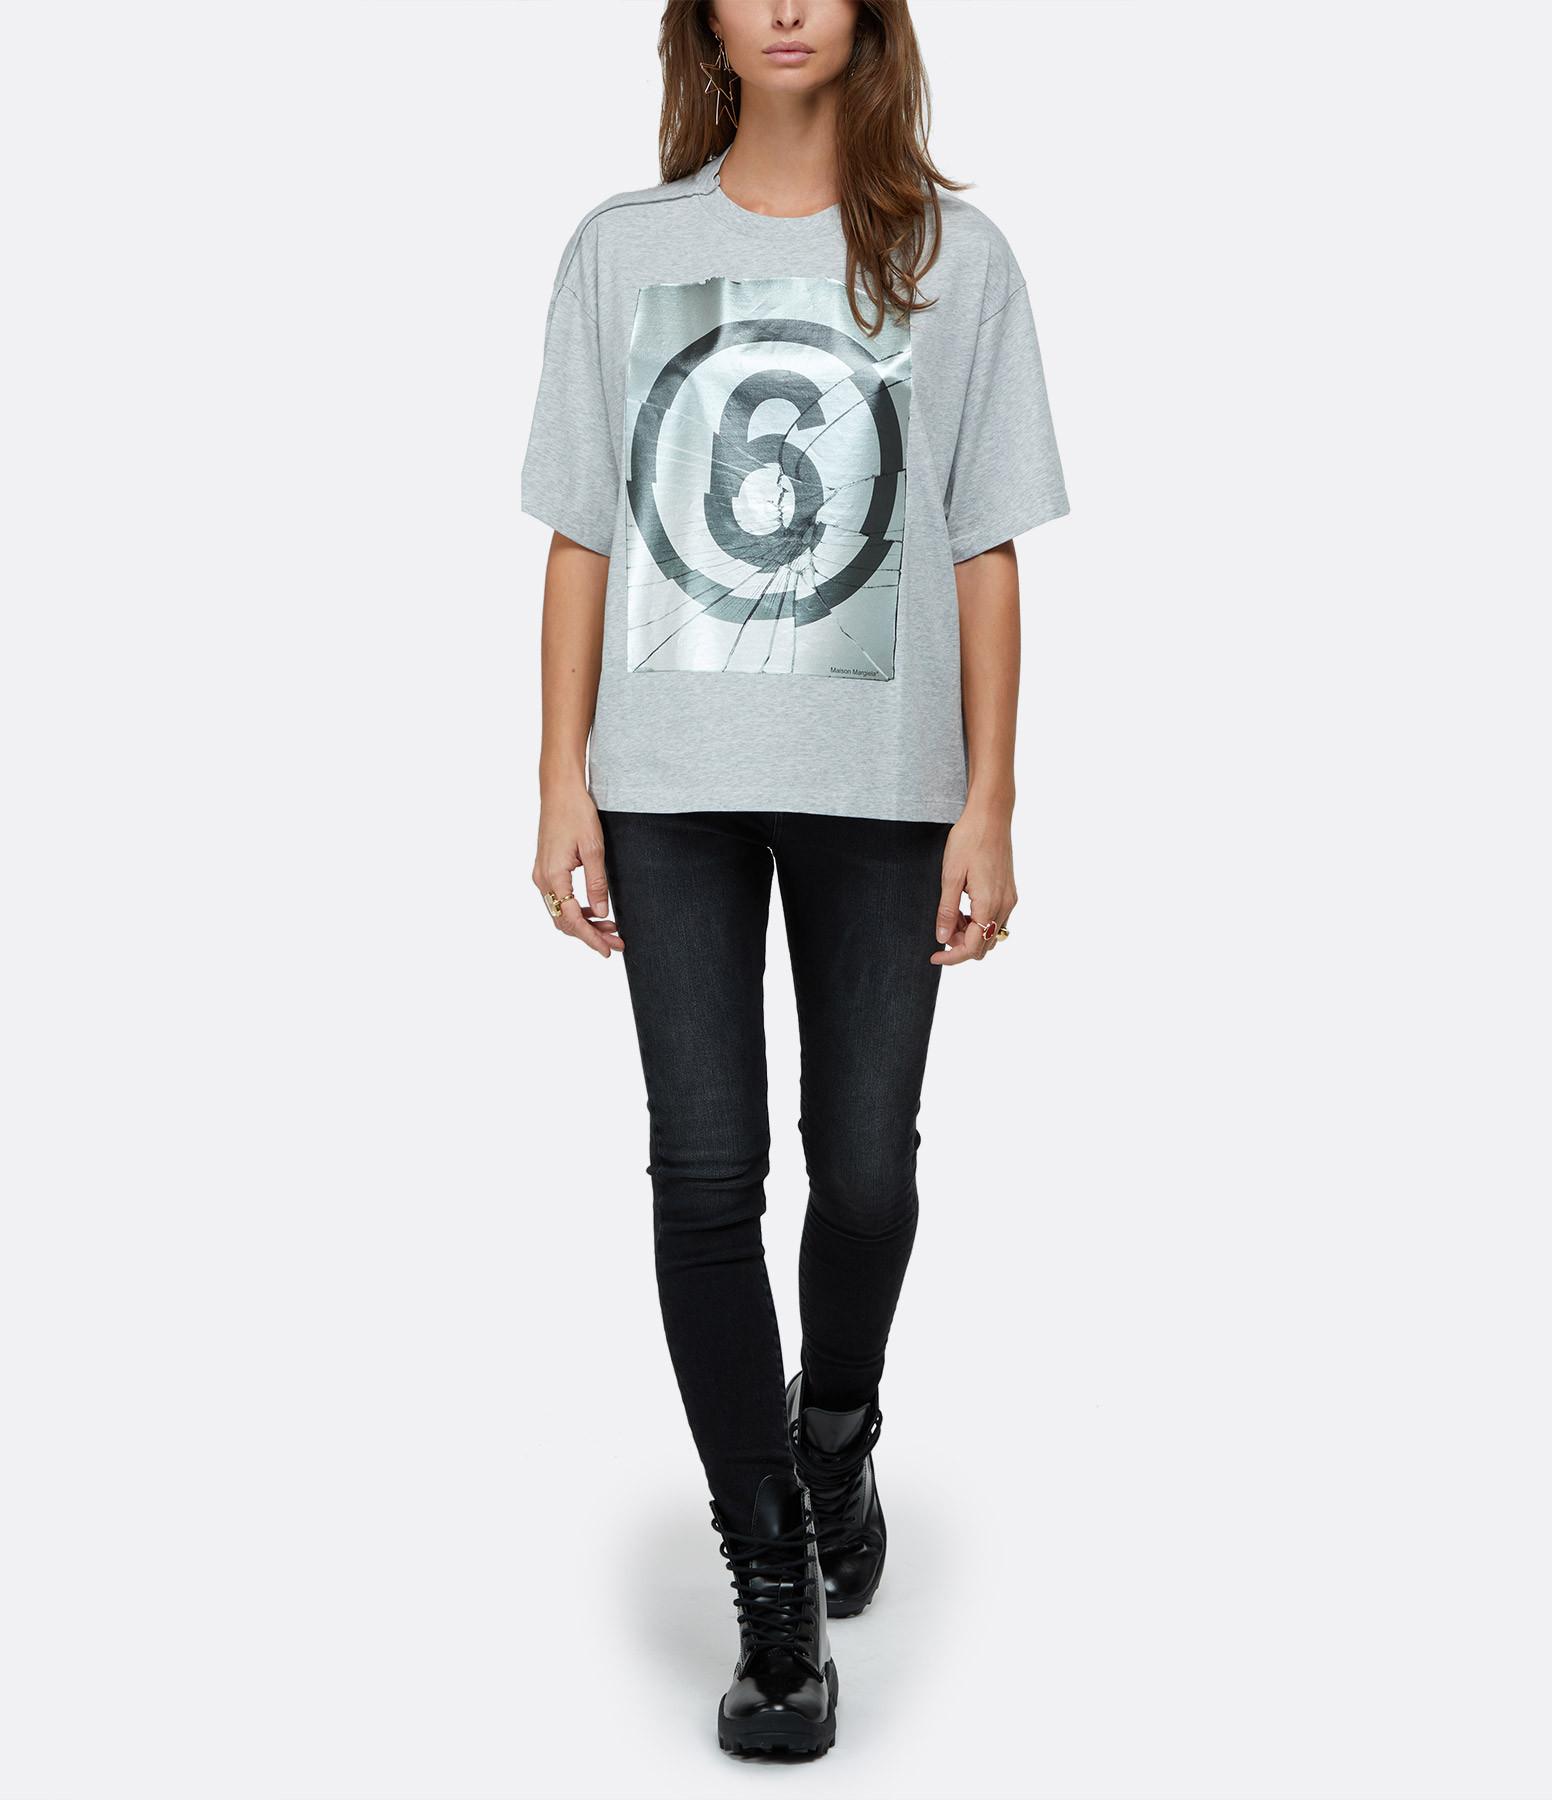 MM6 MAISON MARGIELA - Tee-shirt Oversize Gris